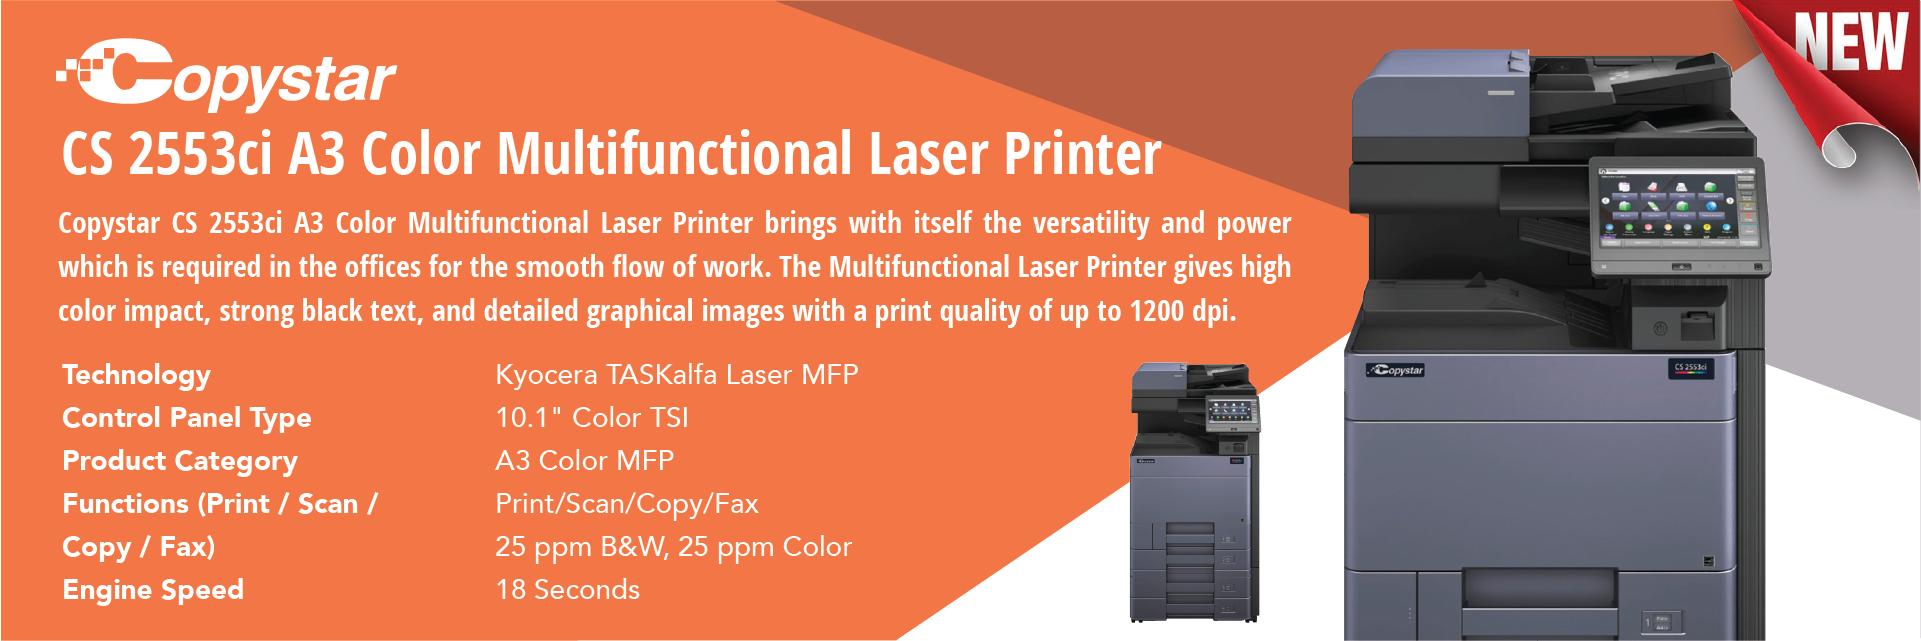 Copystar CS 2553ci A3 printer